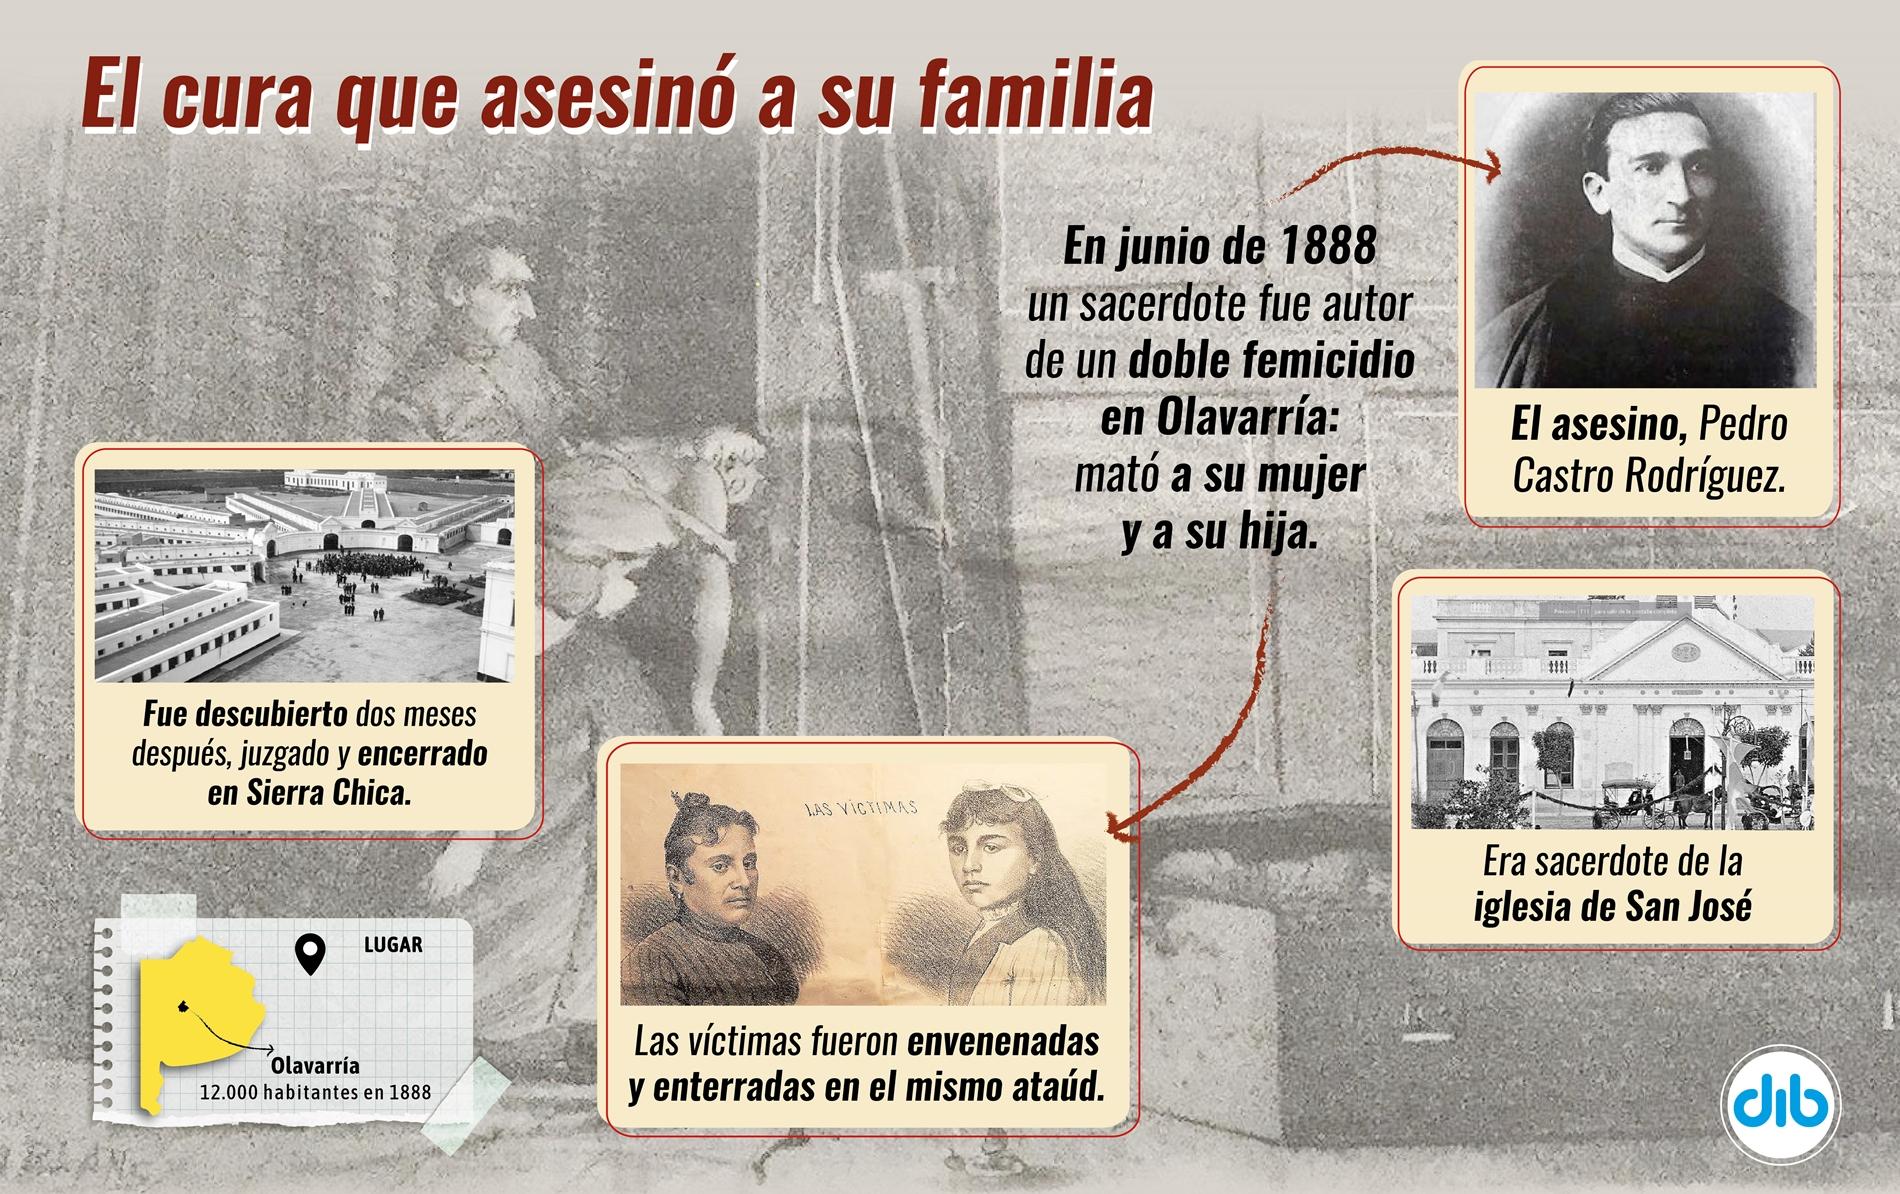 LOS CRÍMENES DE CASTRO RODRÍGUEZ, EL CURA FEMICIDA QUE HORRORIZÓ A OLAVARRÍA EN 1888